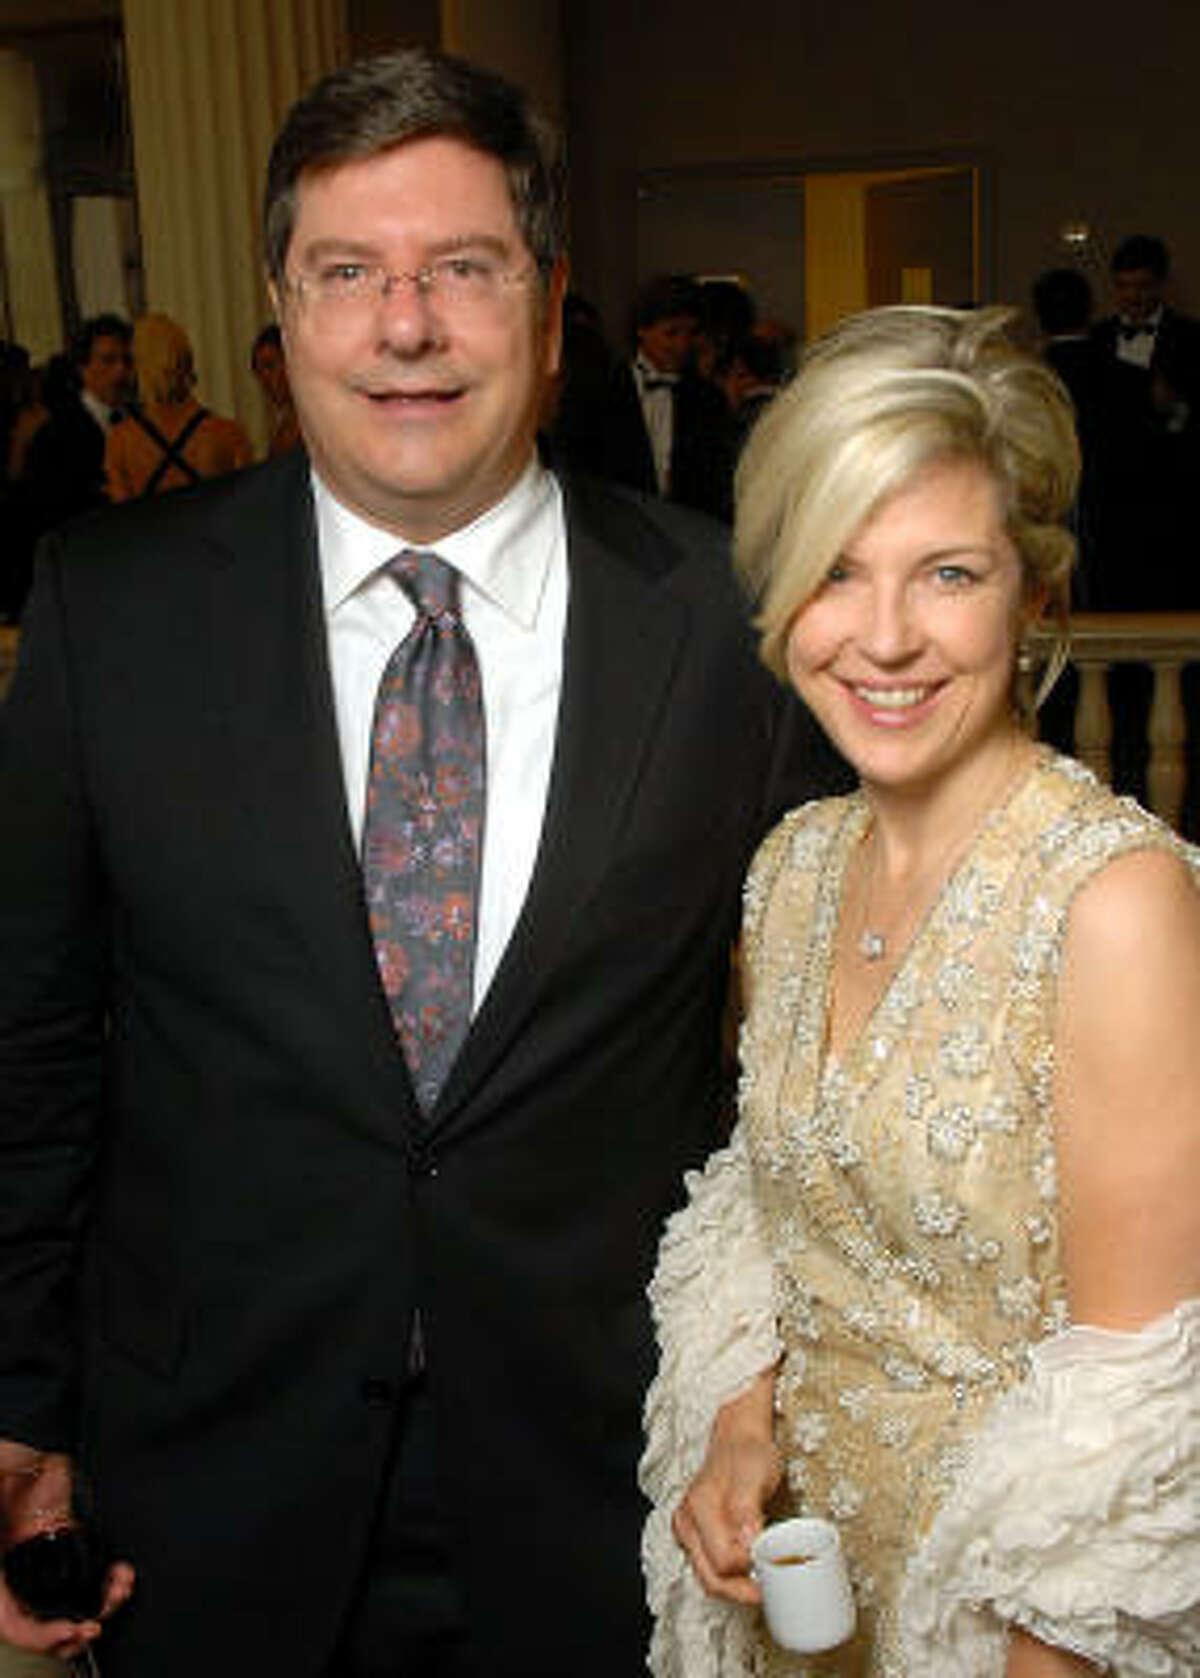 John Giesler and Kristy Stubbs